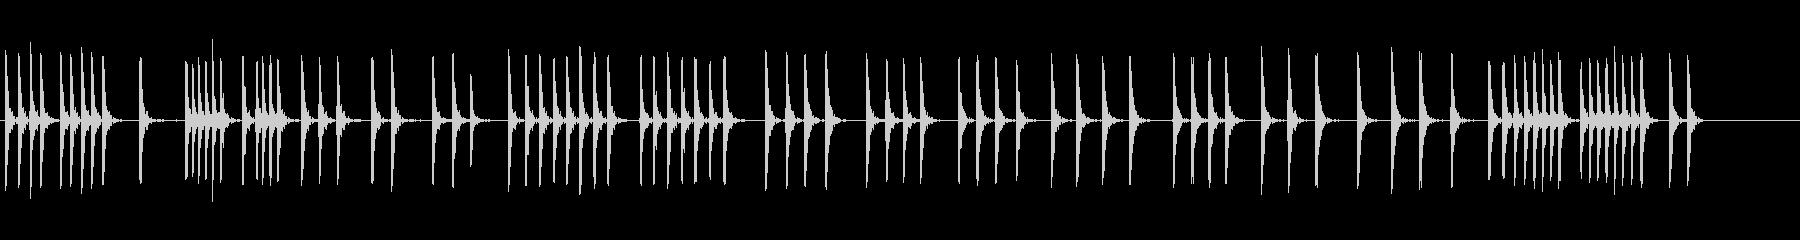 ハンマーが石を打つの未再生の波形